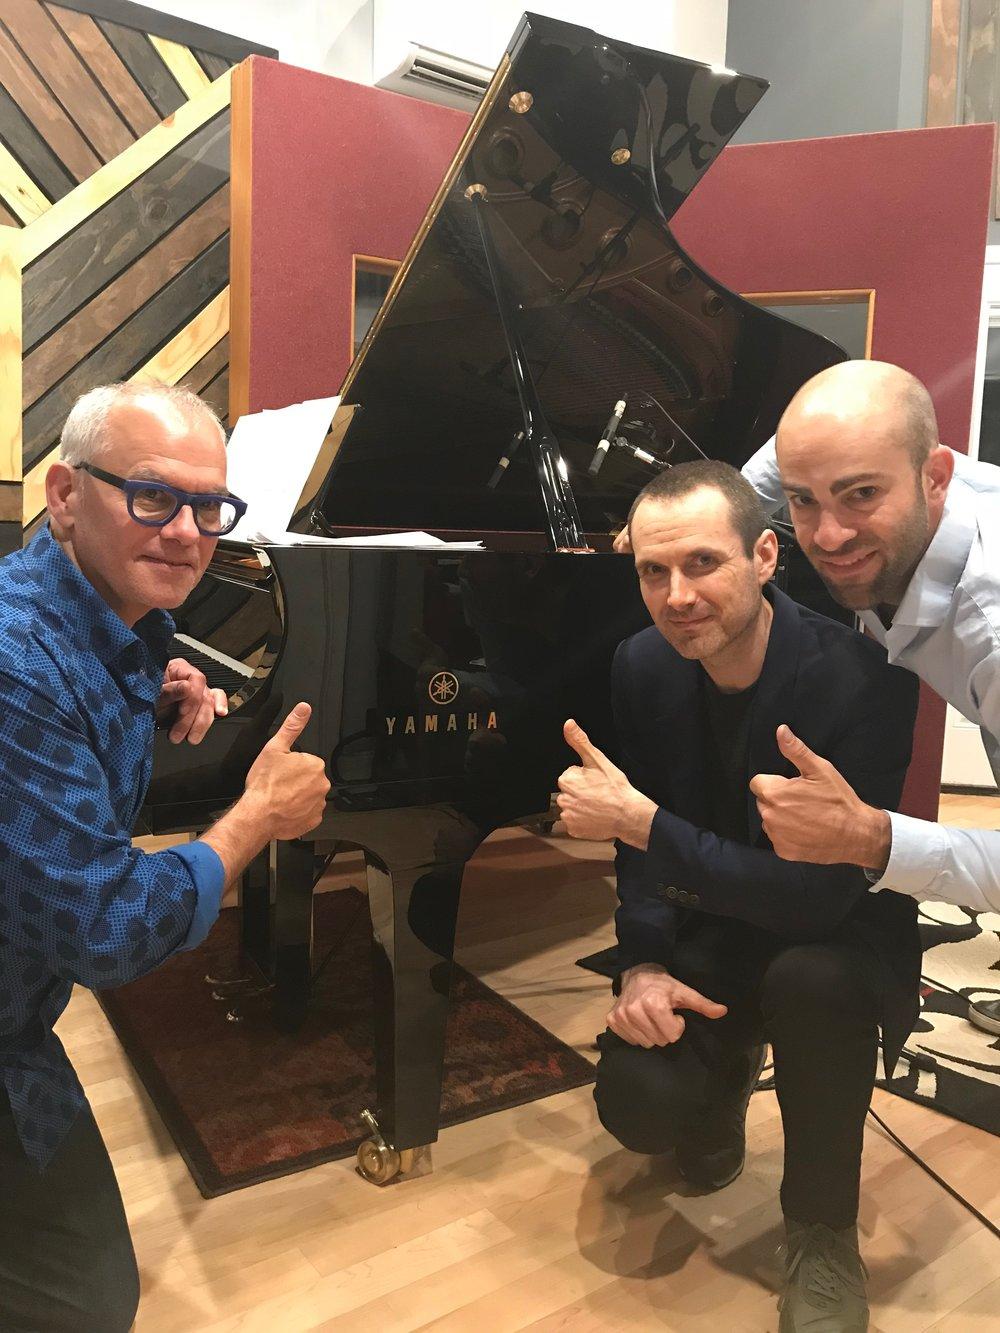 _Trio thumbs up Yamaha.JPG